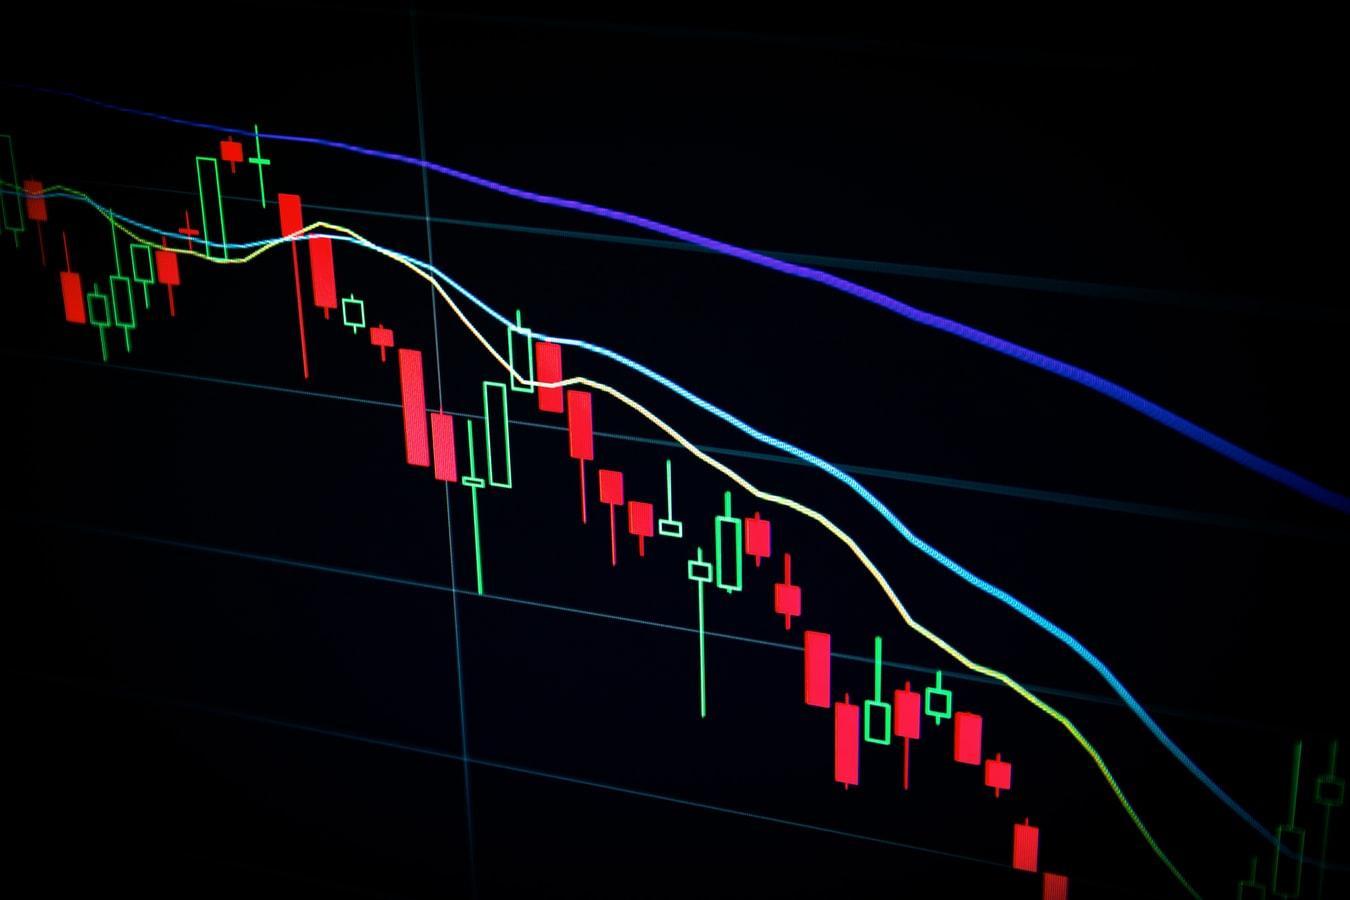 Las acciones mantienen ganancias – El Promedio Industrial Dow Jones subió 420 puntos | Brokeropiniones.es